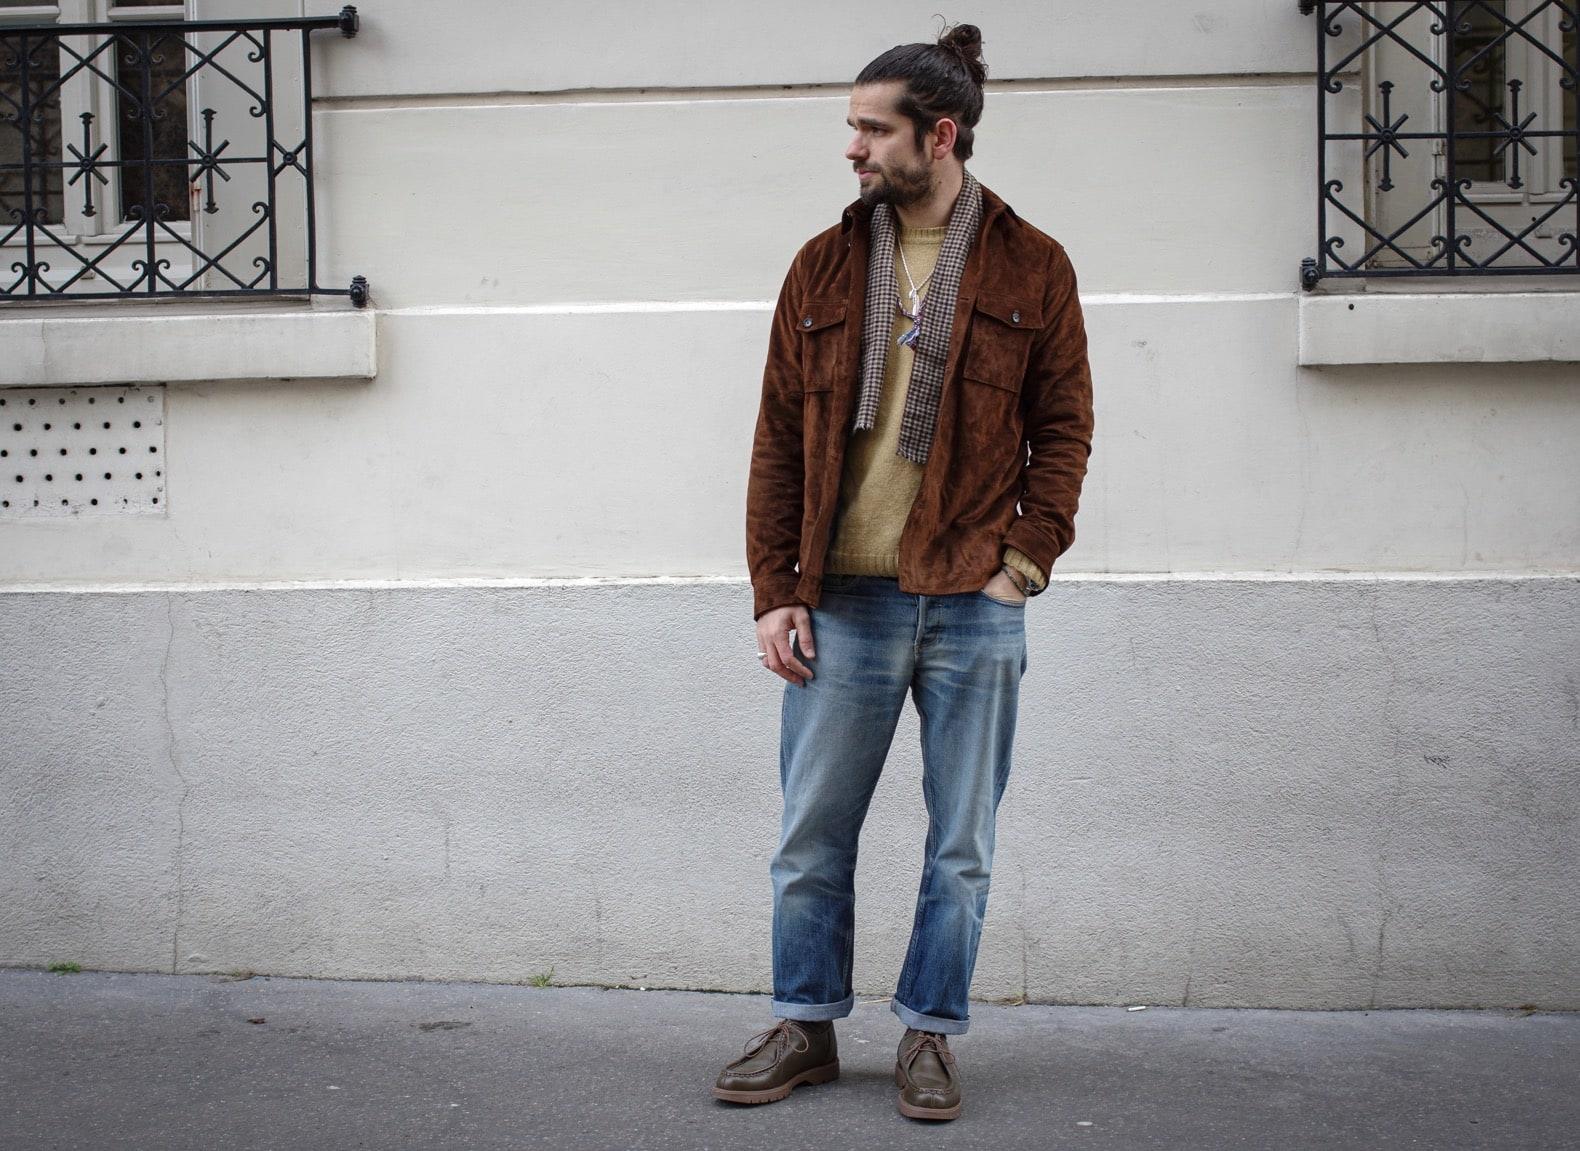 comment s'habiller en automne - idée tenue homme élégante workwear